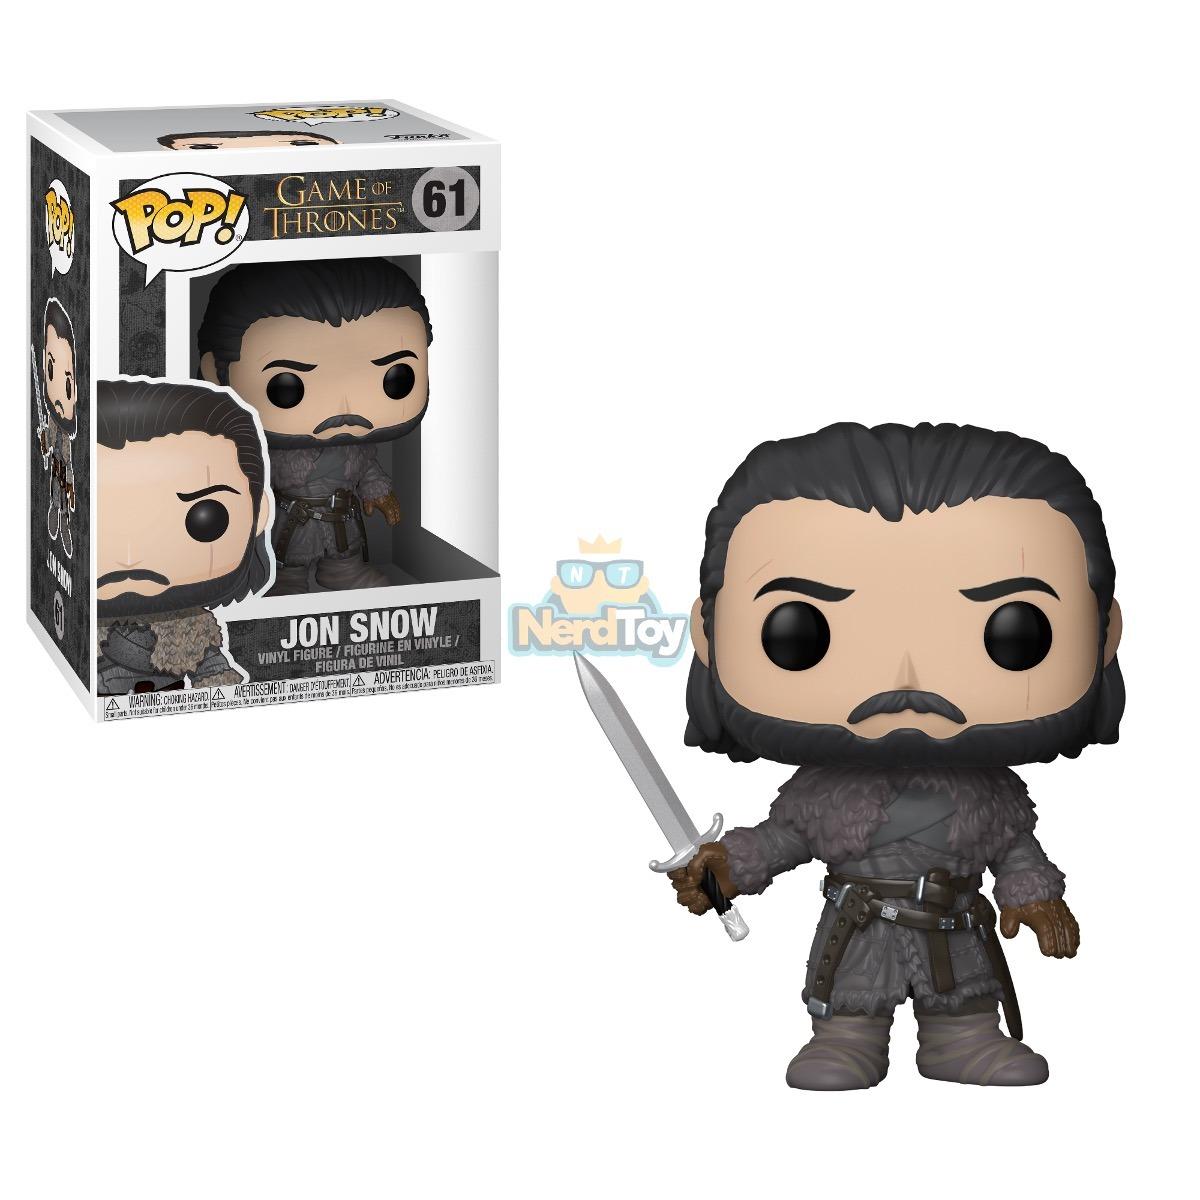 Boneco Funko Pop Game Of Thrones Jon Snow 61